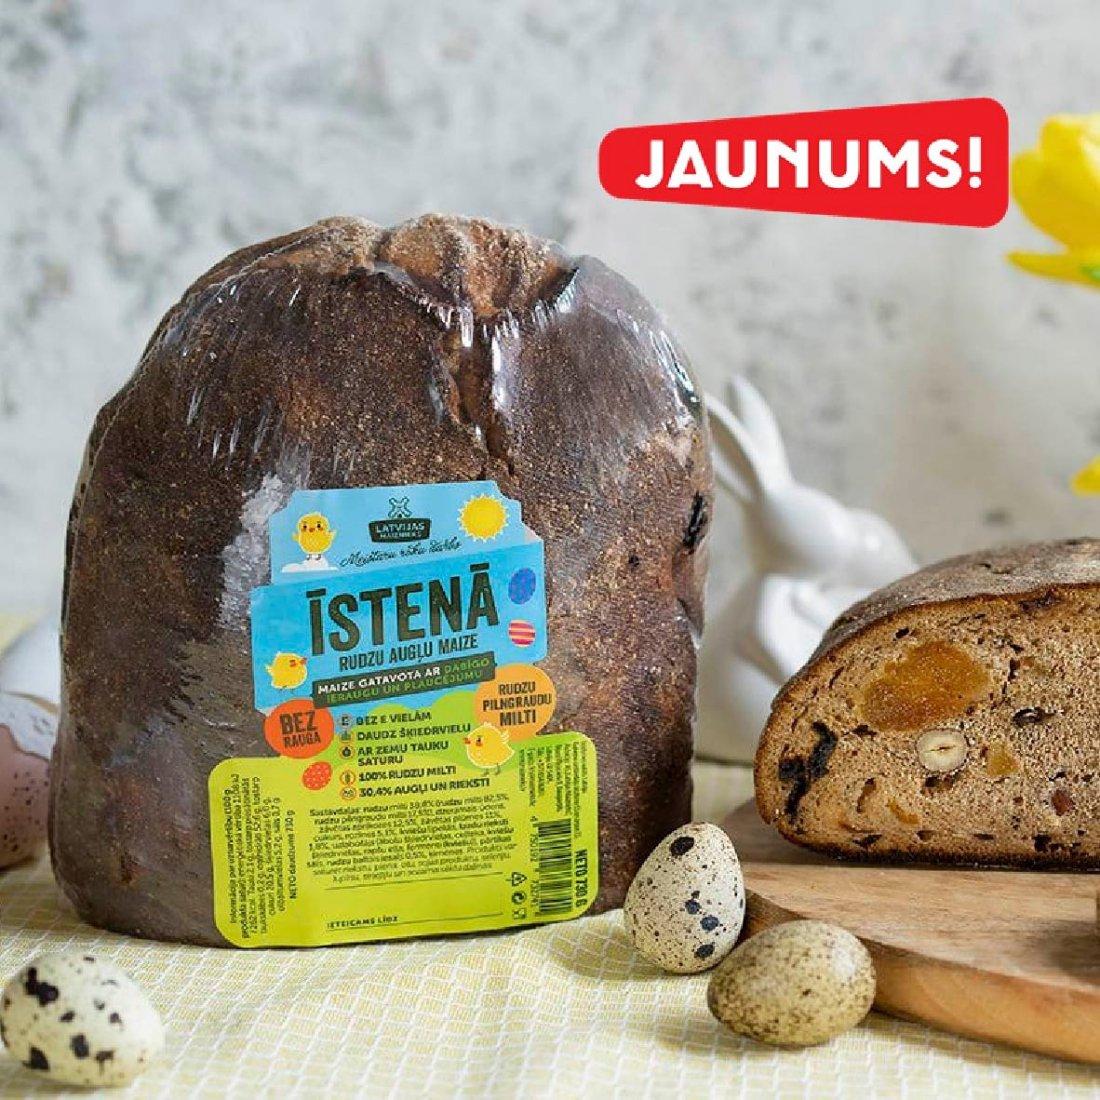 НОВИНКА! Ржаной хлеб с фруктами ĪSTENĀ